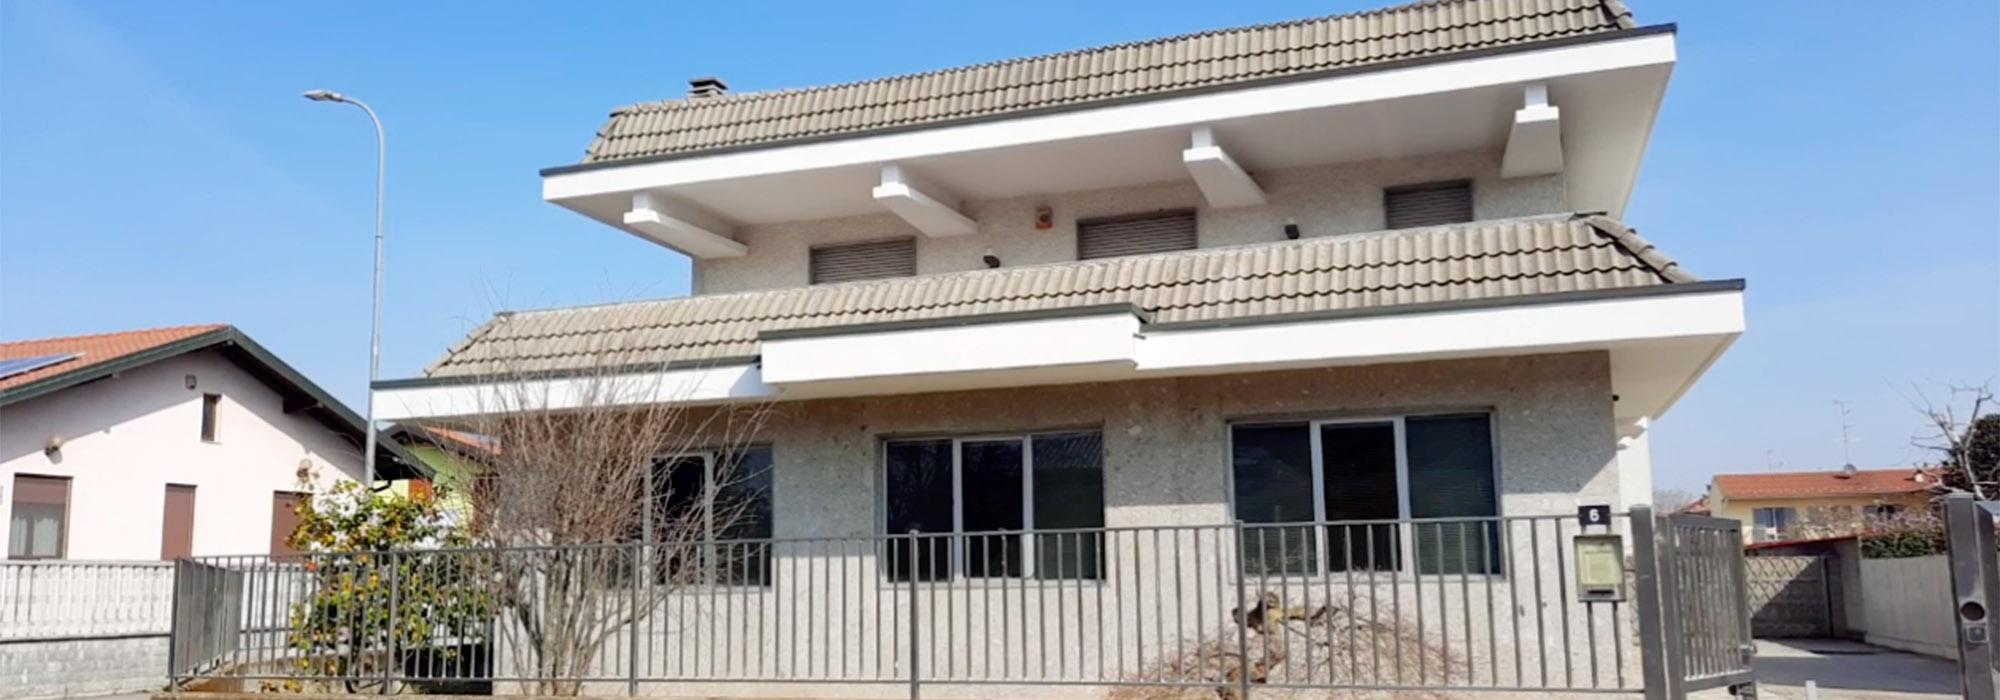 Villa con laboratorio, Vanzaghello